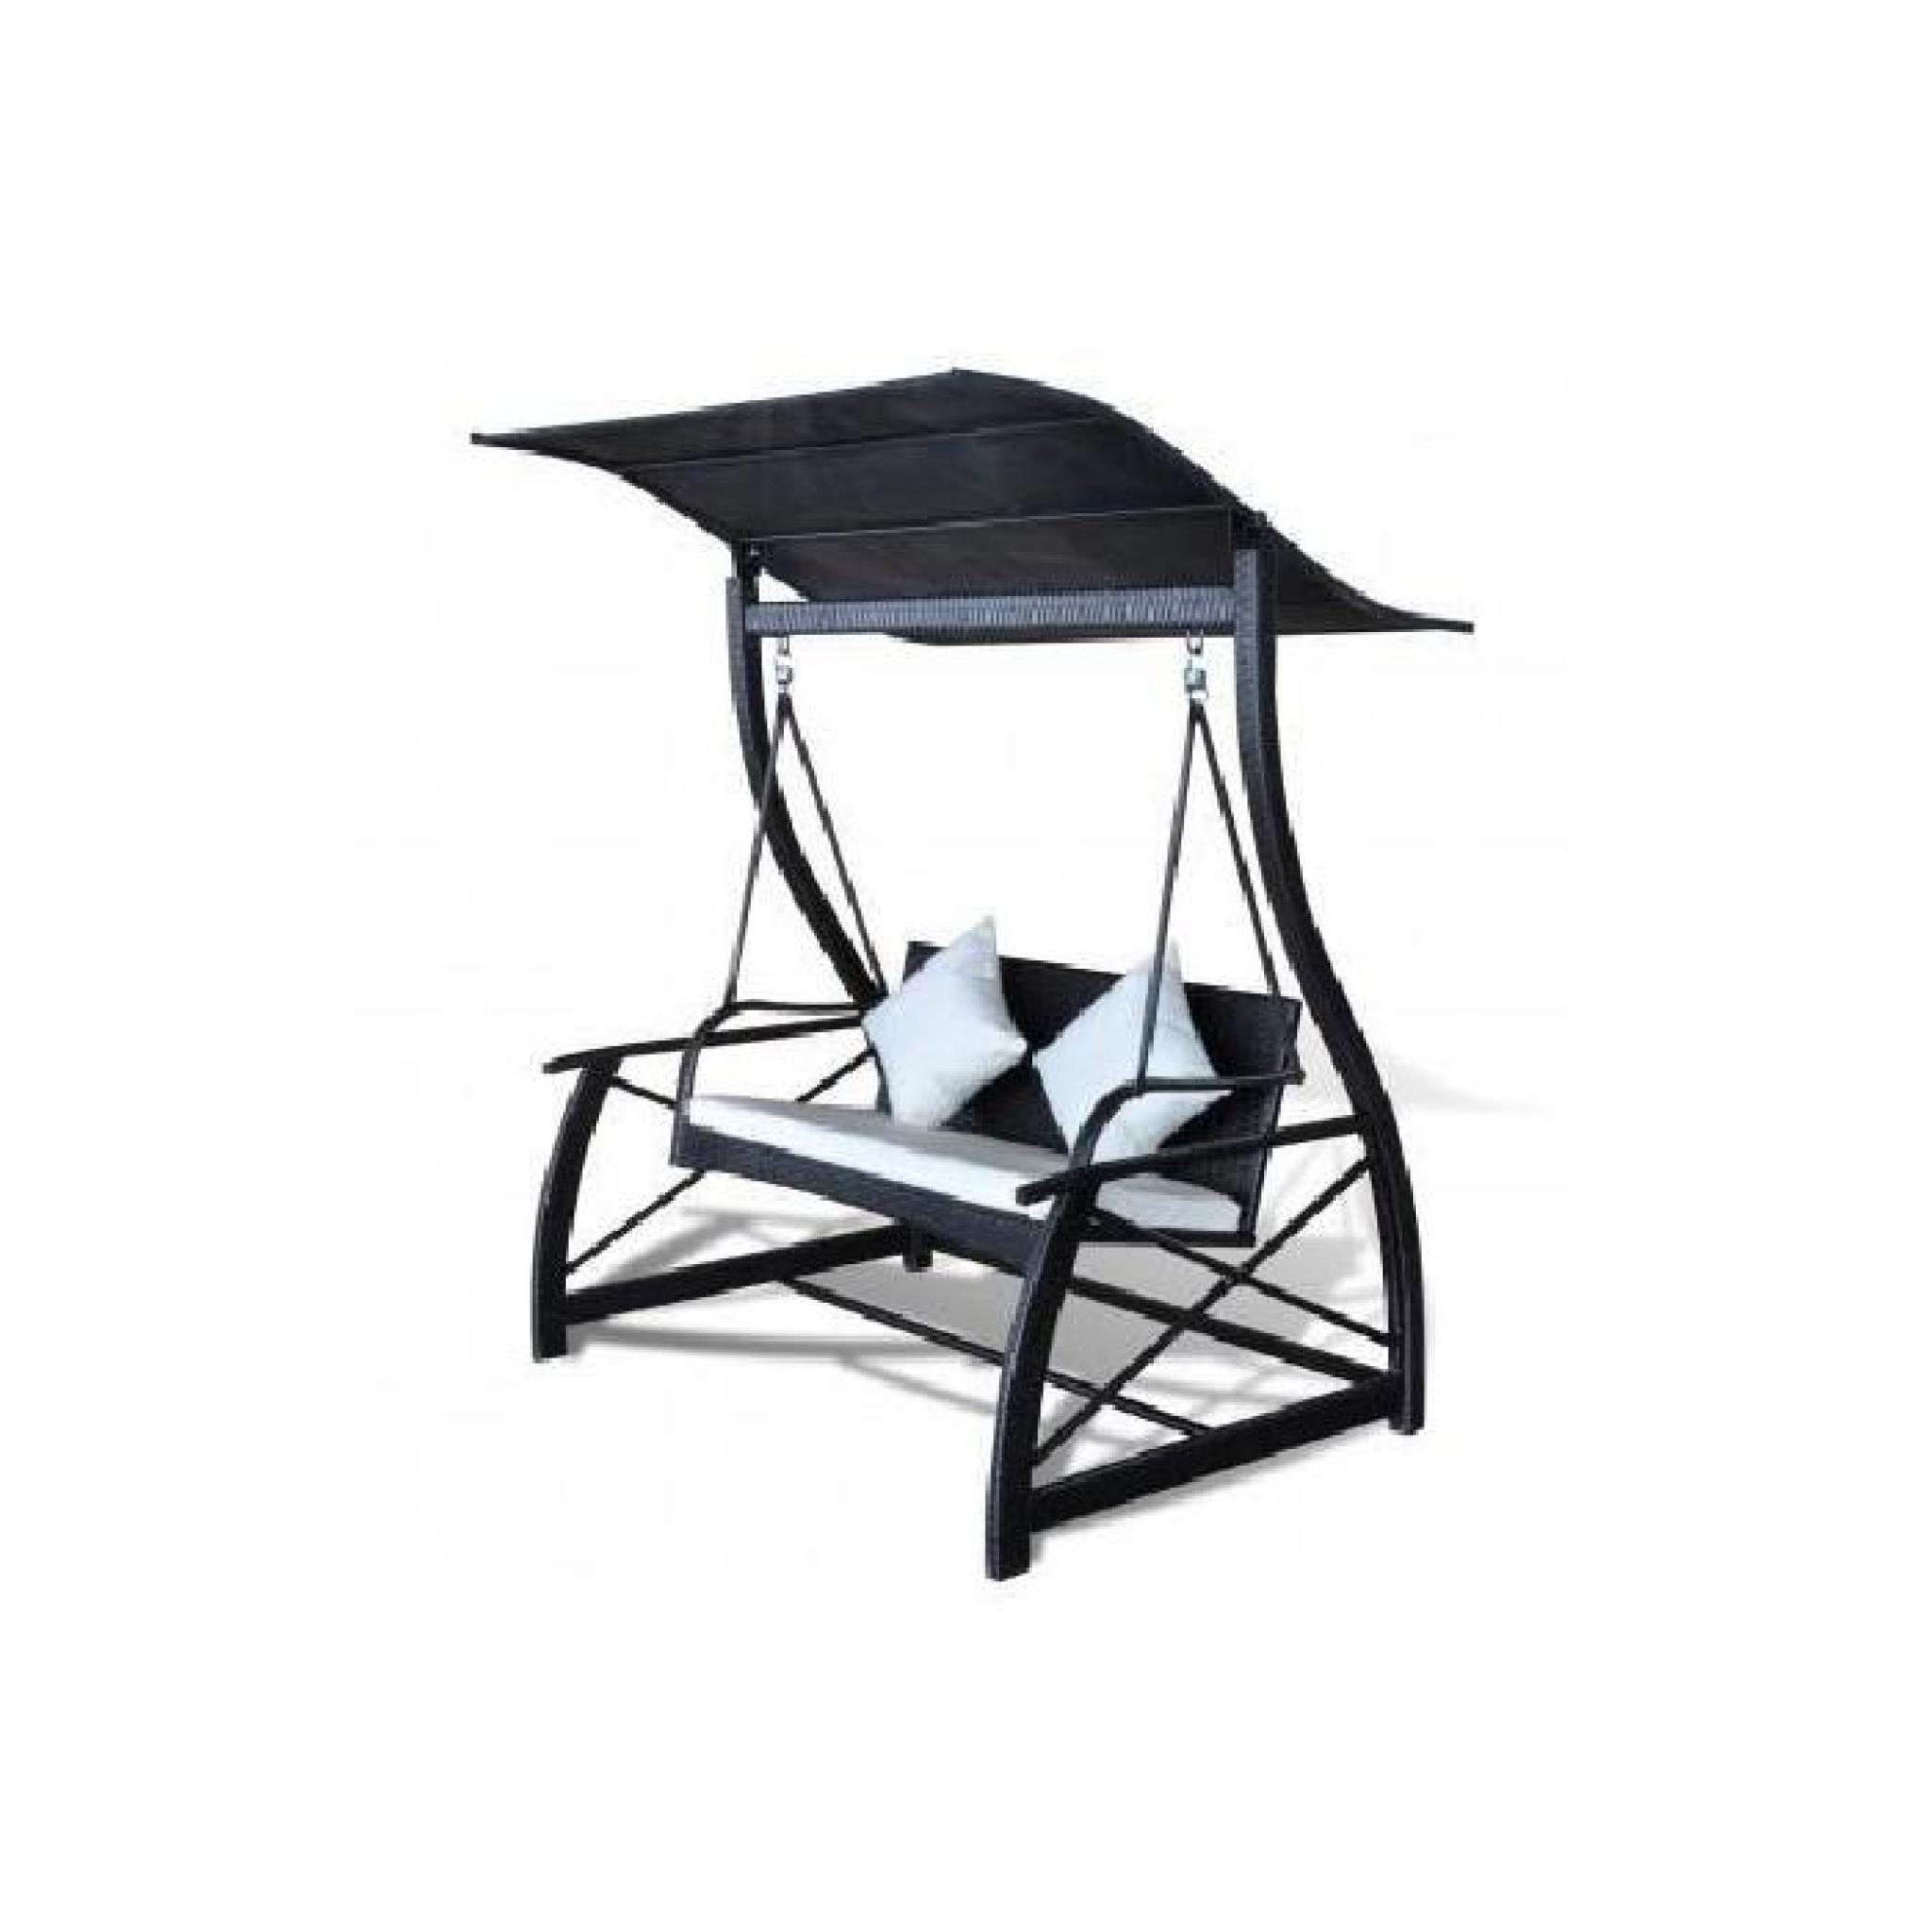 superbe balancelle avec toit en rotin noir pour ext rieur. Black Bedroom Furniture Sets. Home Design Ideas